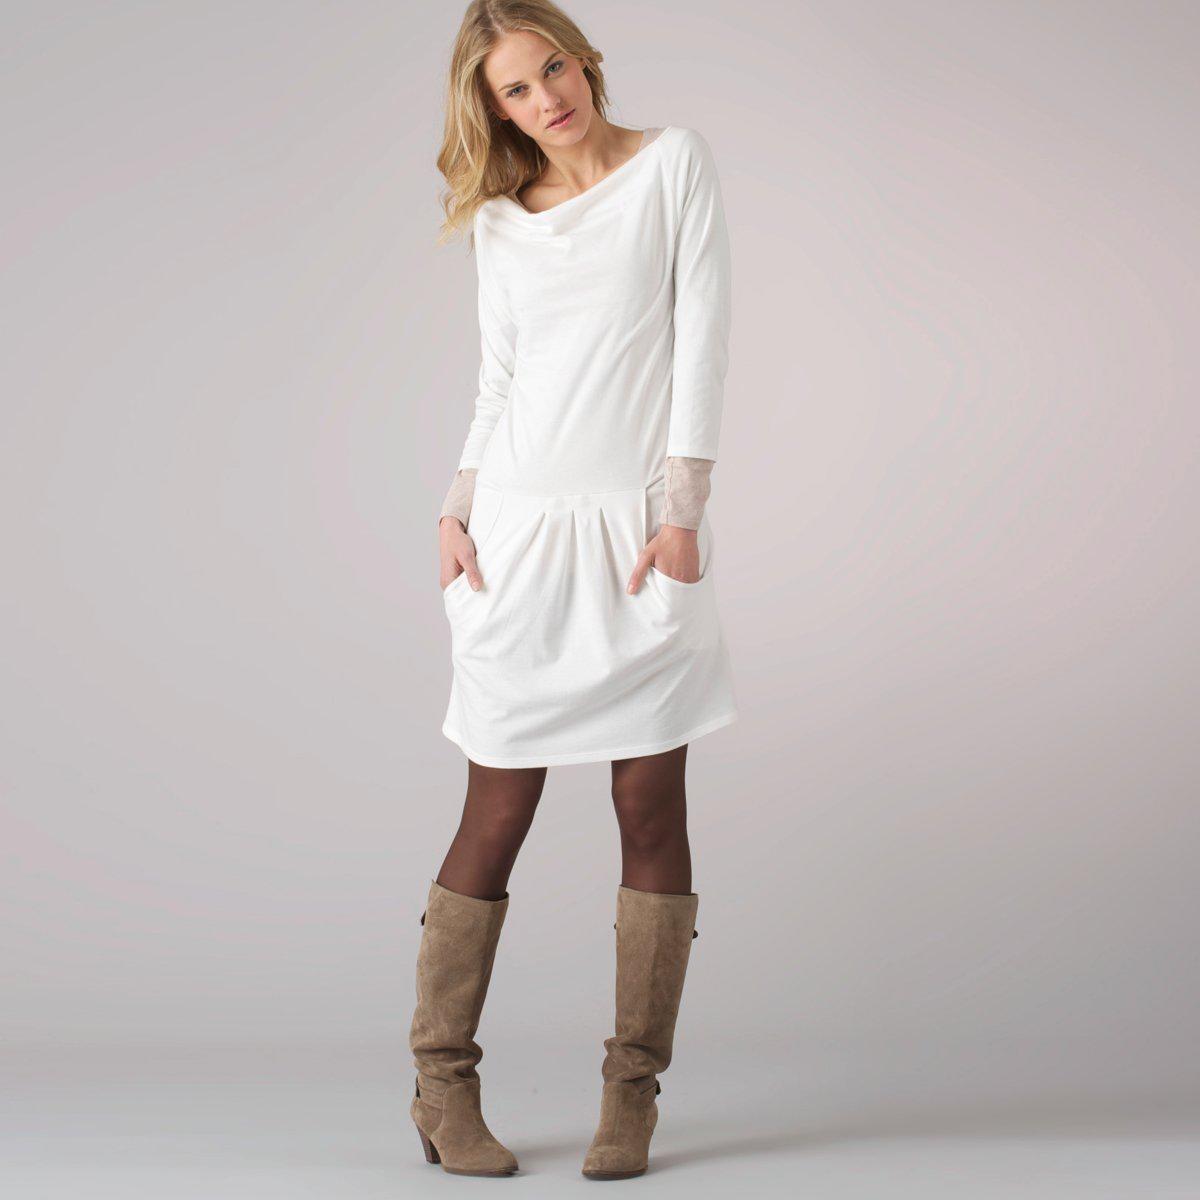 Vestidos informales cortos baratos